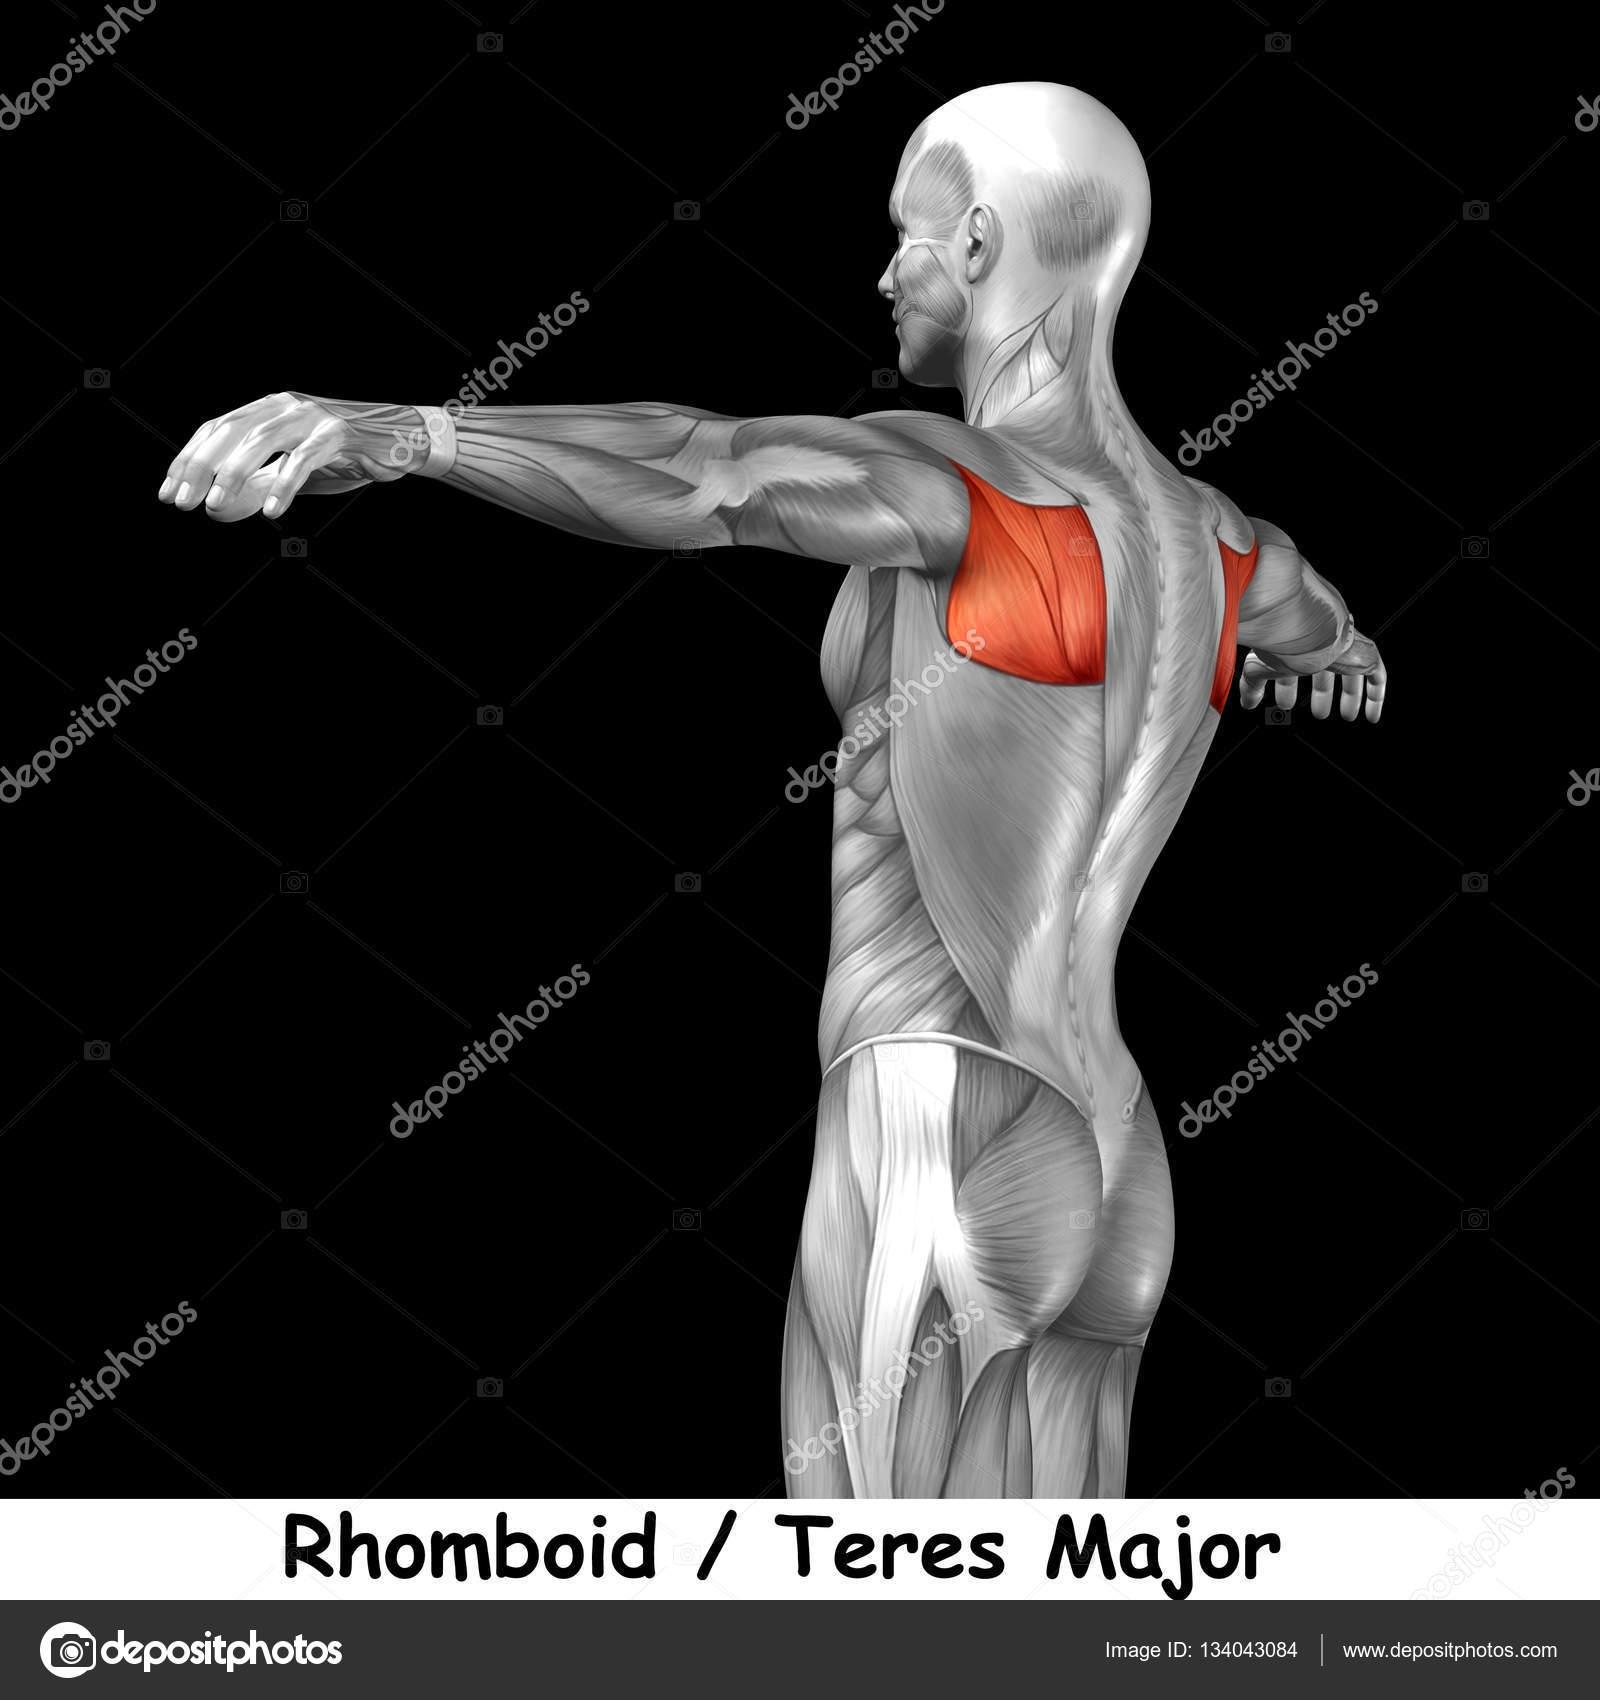 Anatomie des Menschen zurück — Stockfoto © design36 #134043084